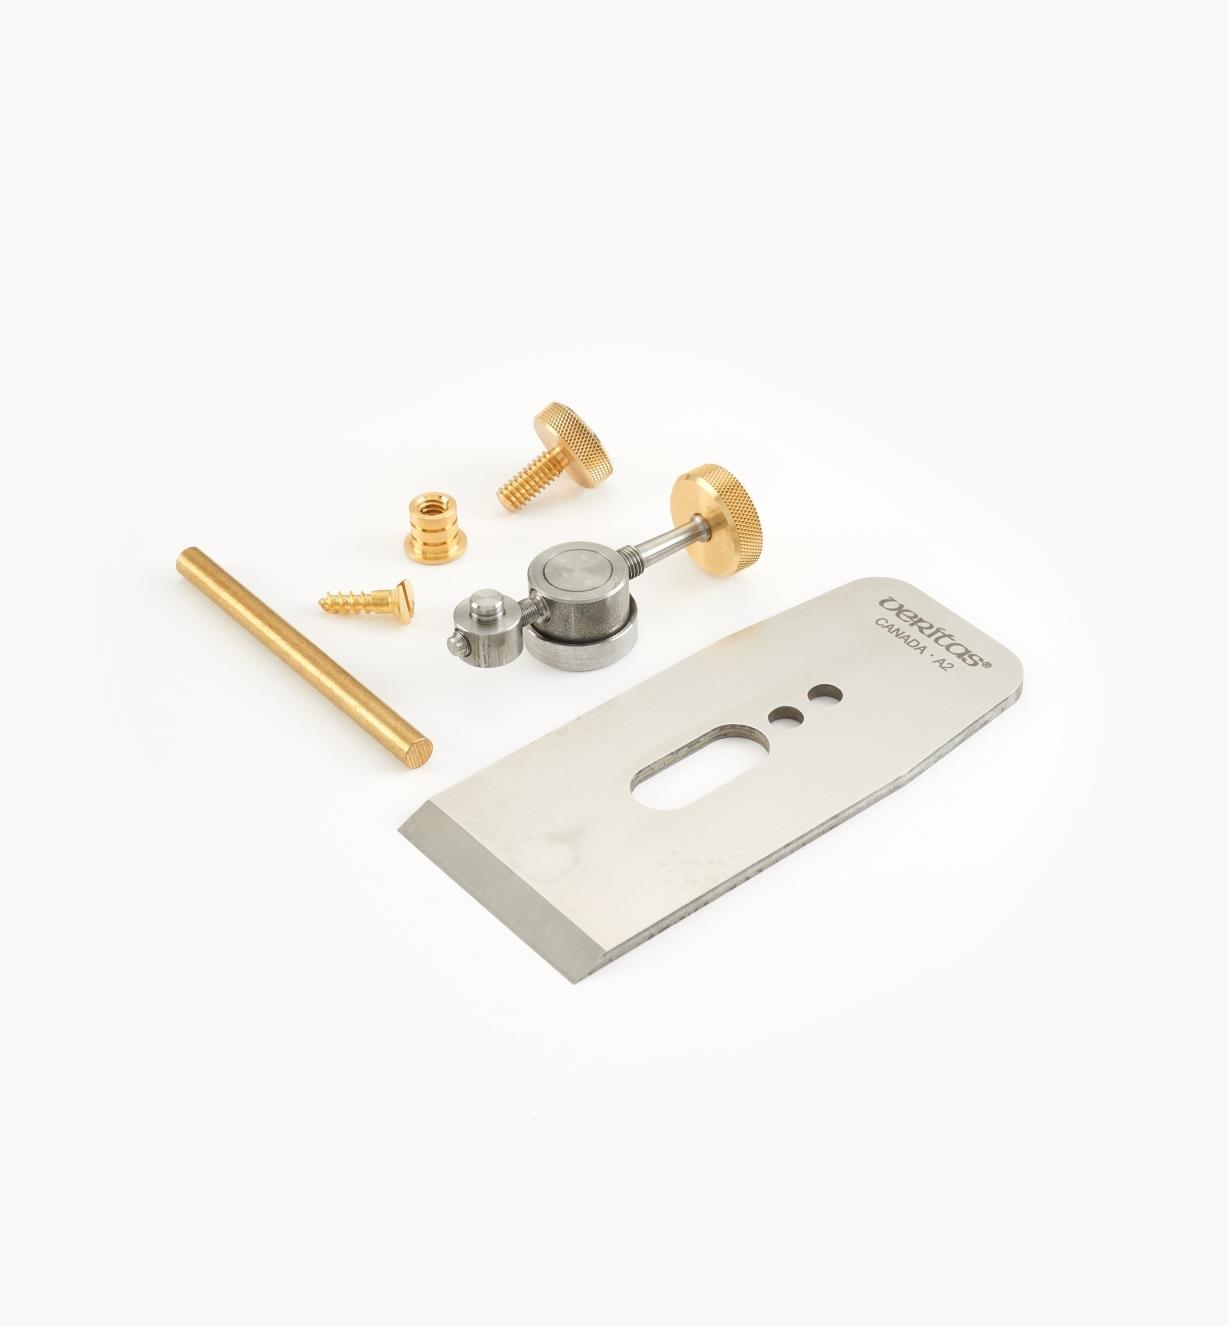 """05P4051 - Veritas 2"""" Wooden Bench Plane Hardware Kit, A2 Blade"""